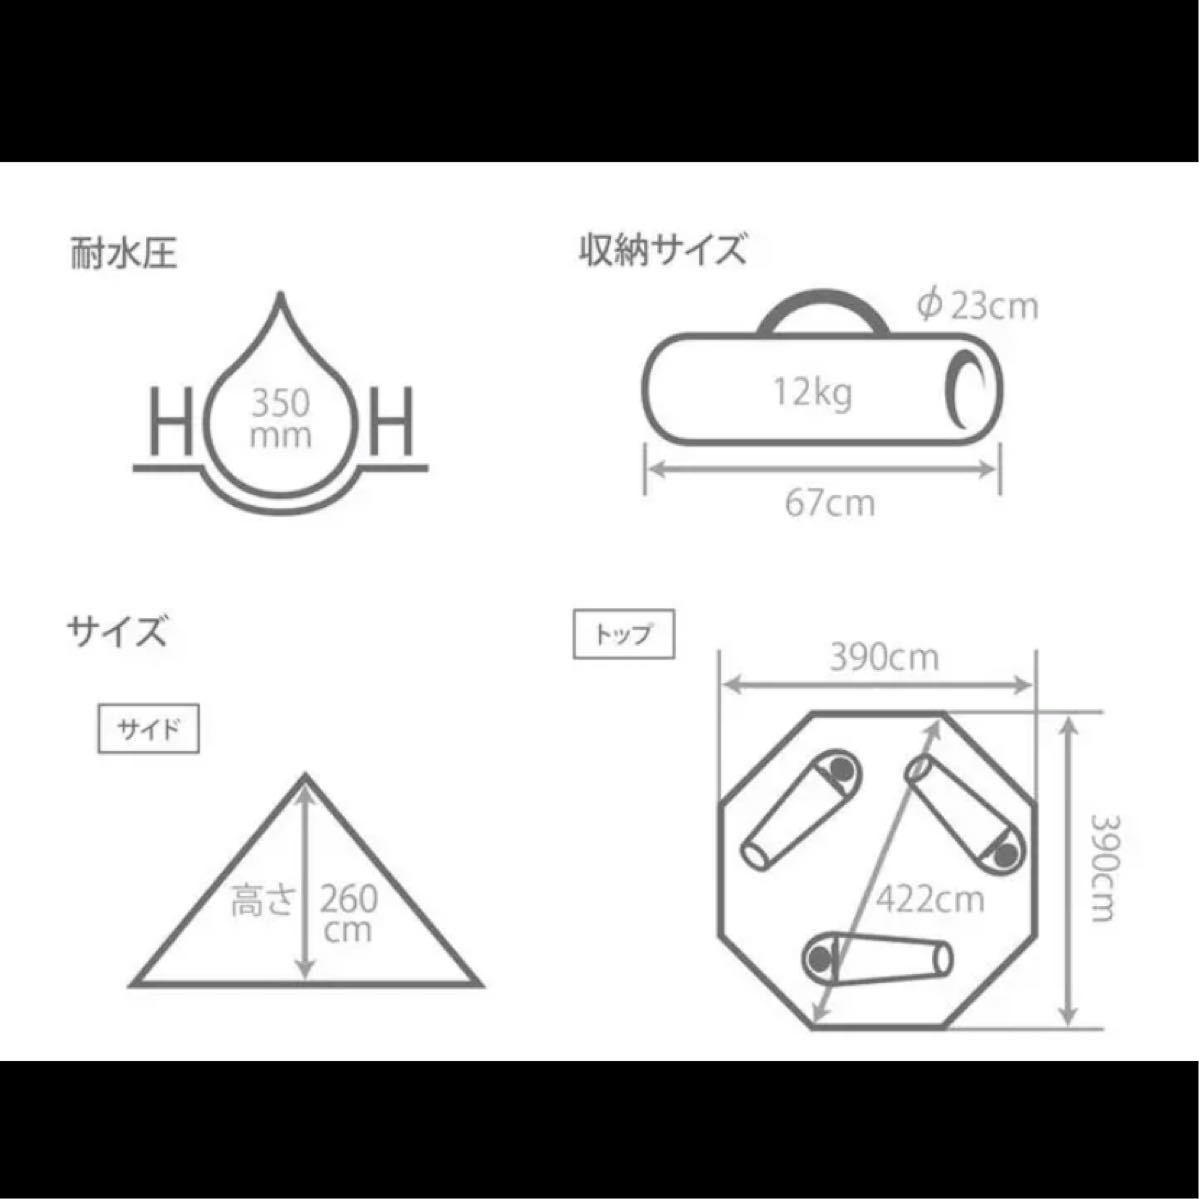 【新品未開封】DOD レンコンテント 2M タン カラー  ワンポールテント